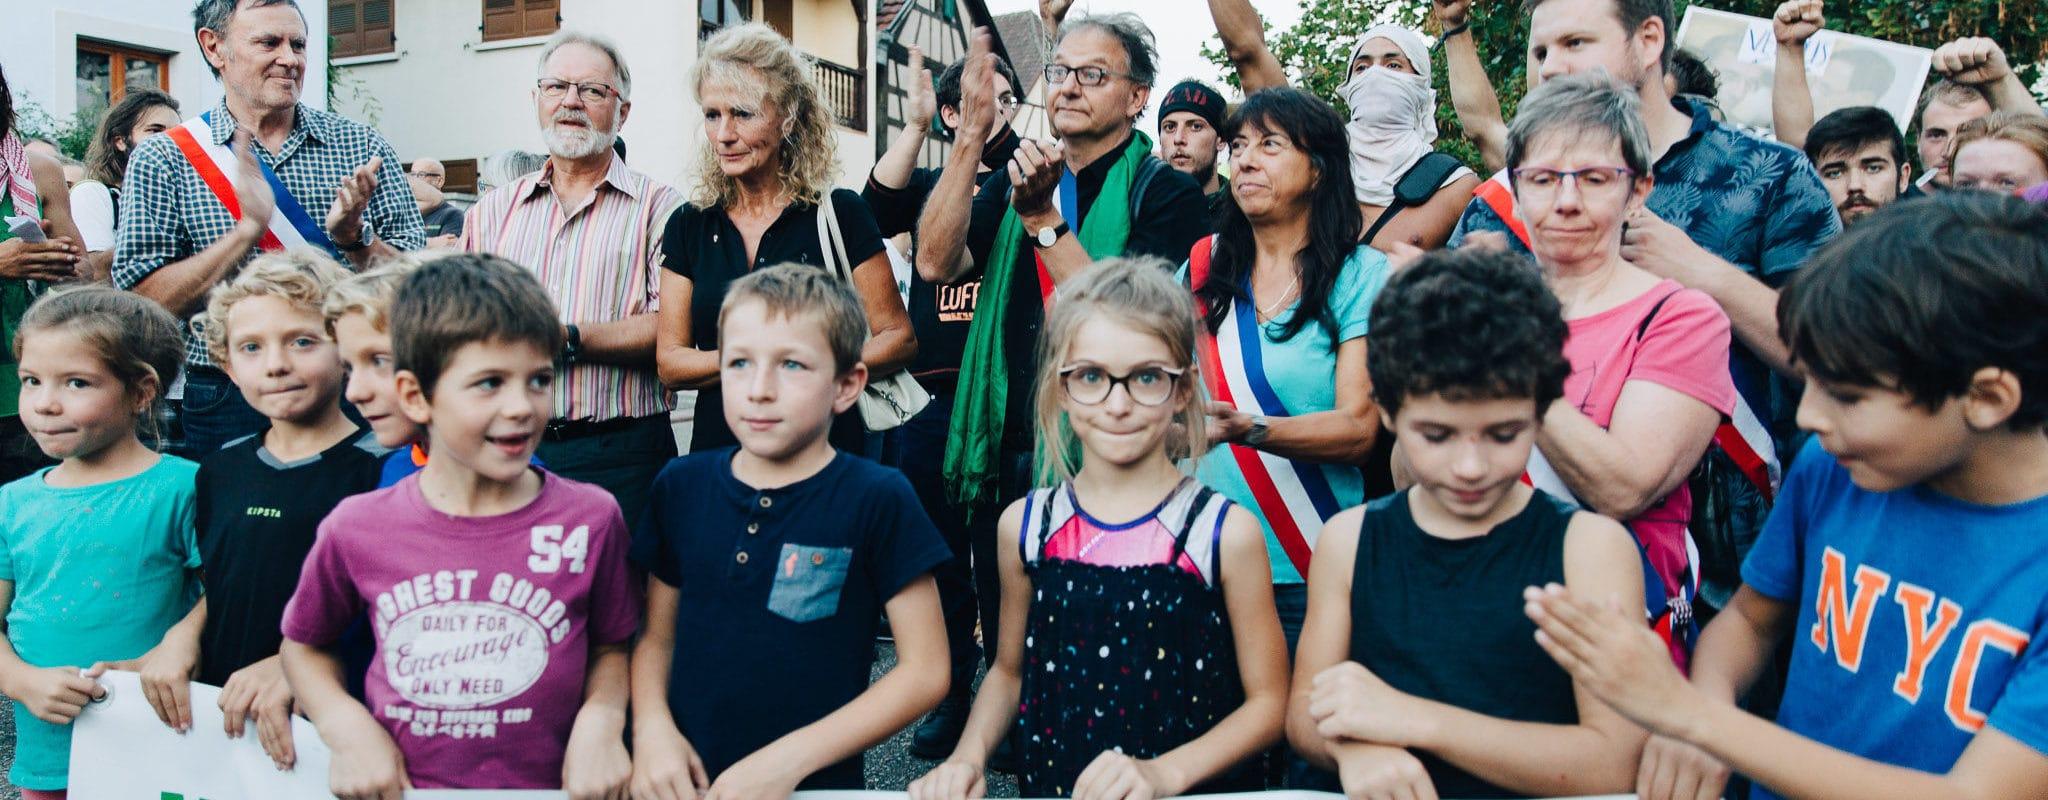 «Aux arbres citoyens», nouvel appel à manifester contre le GCO samedi